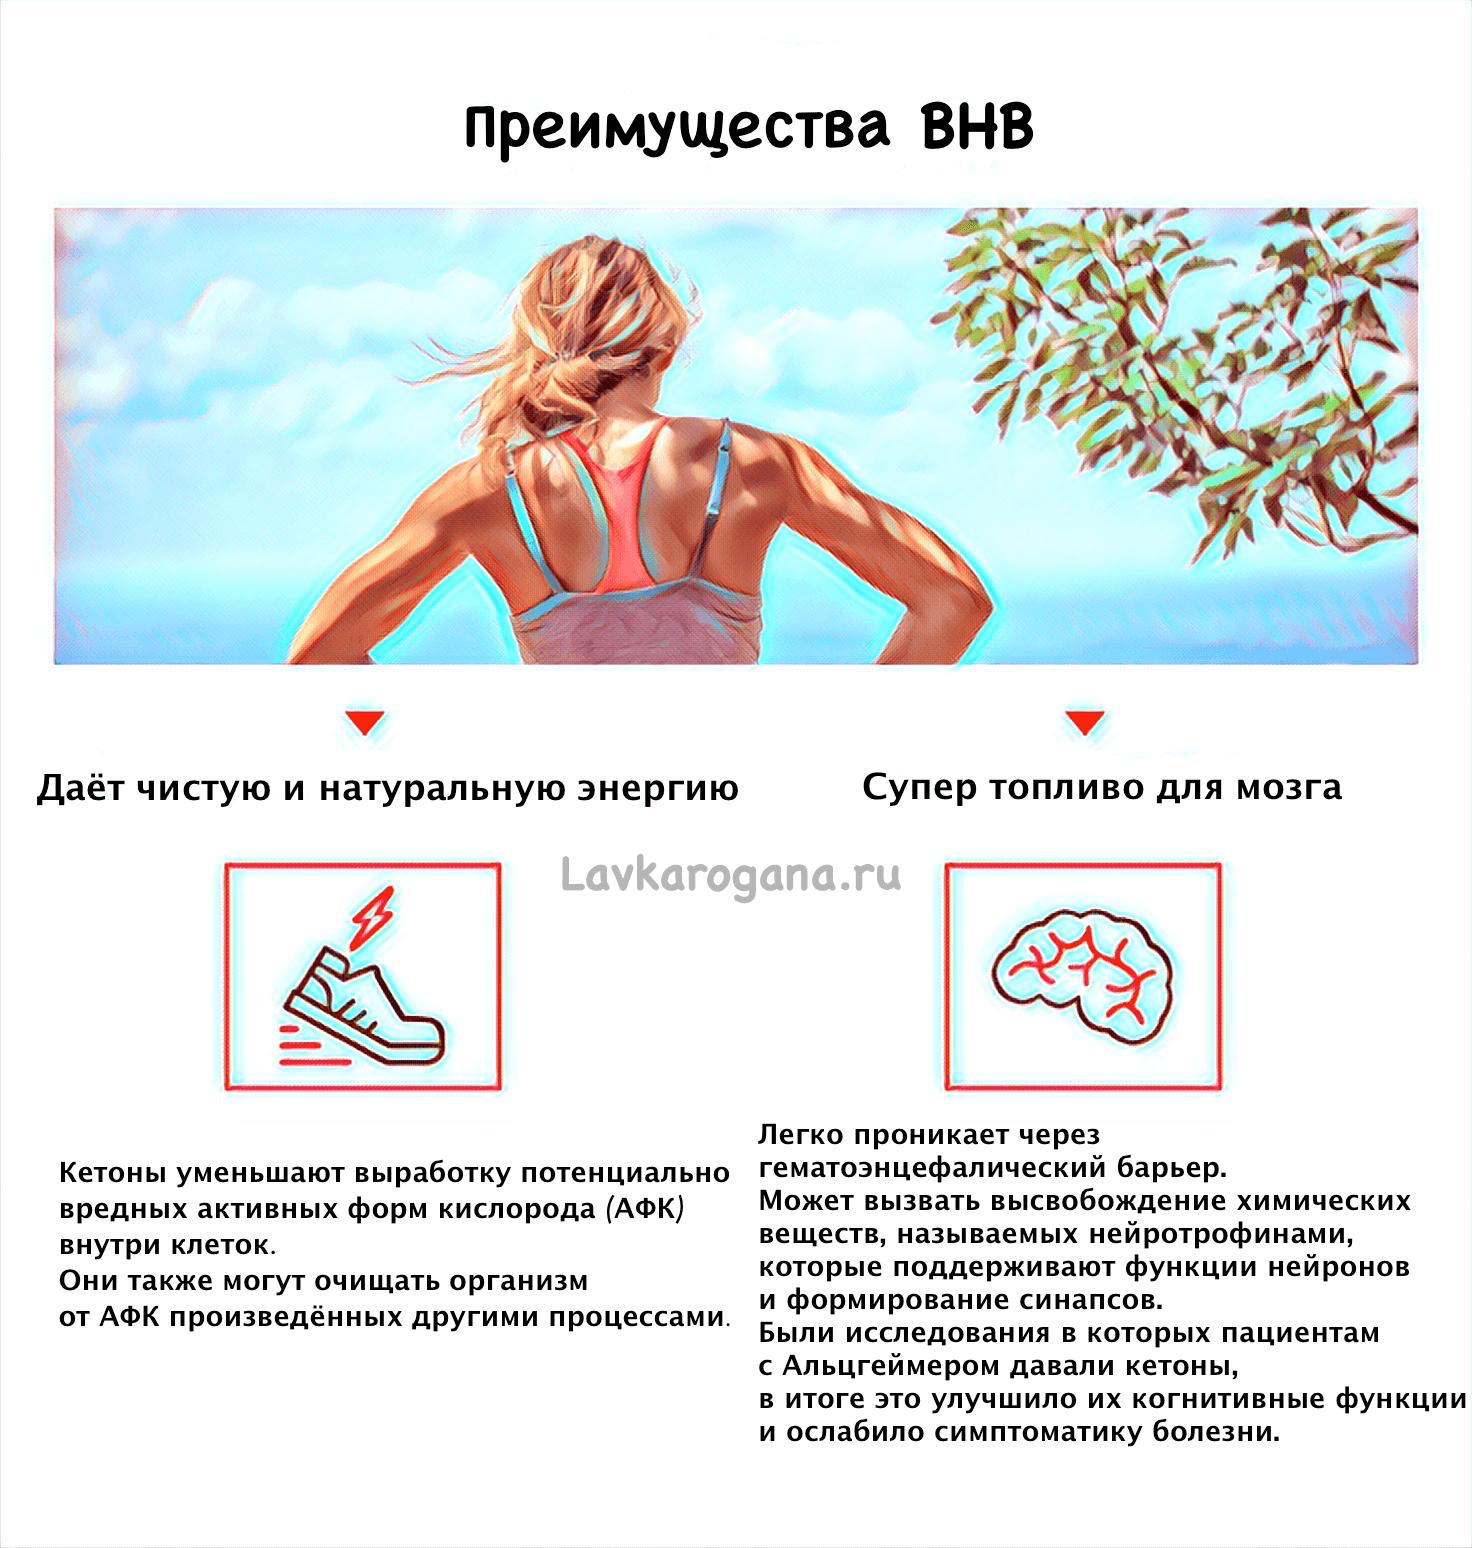 Плюсы кетонов BHB